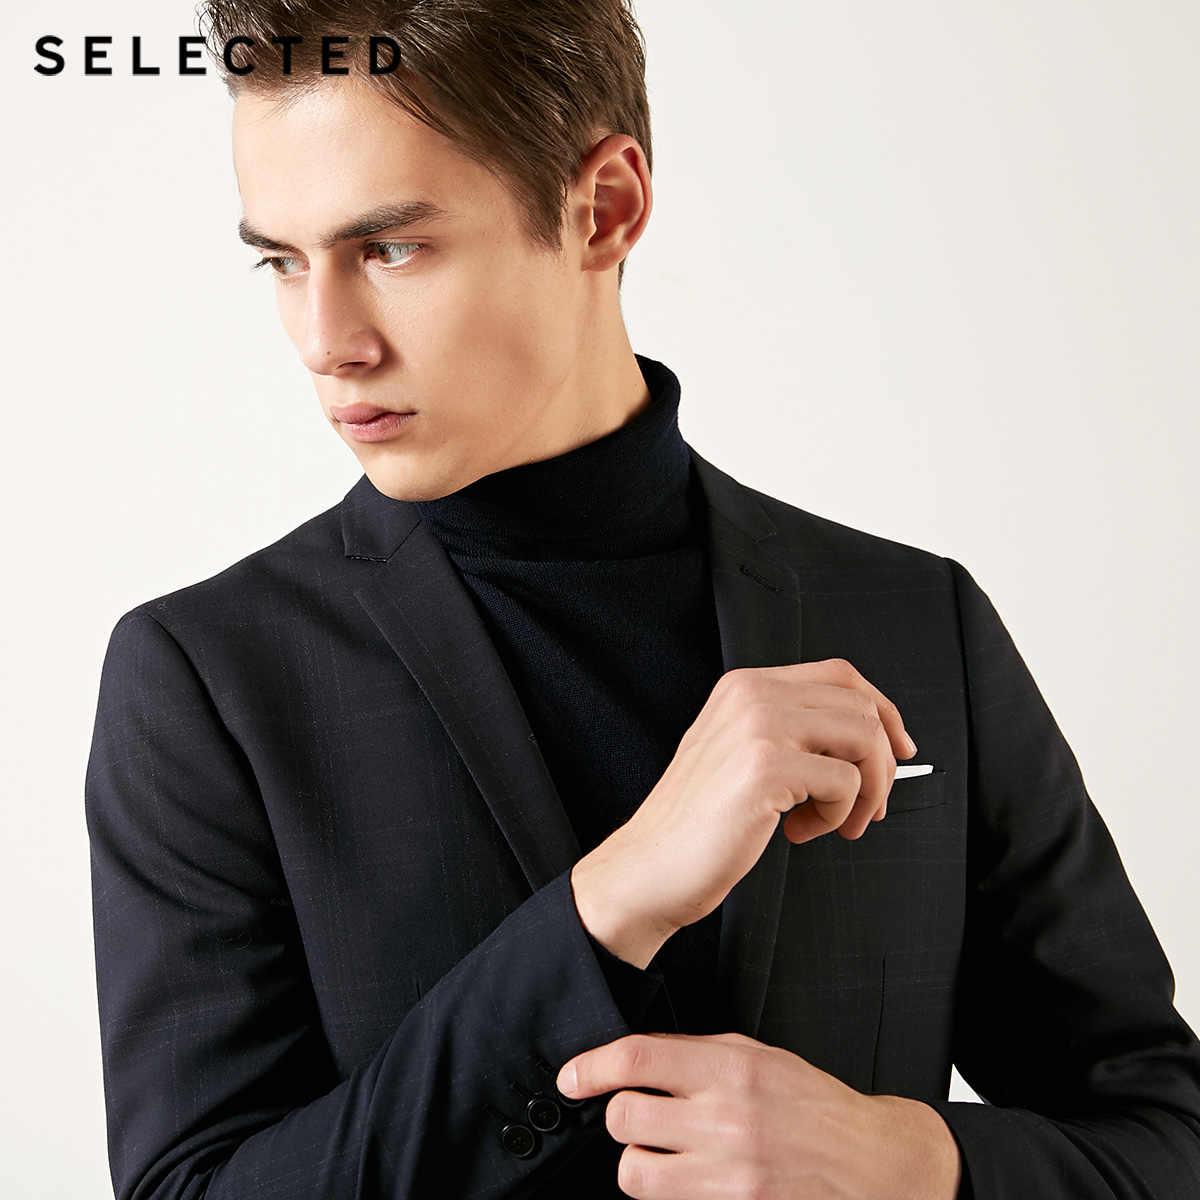 選択された男性のスリムフィット羊毛明暗パターンブレザージャケットt | 41915Y501